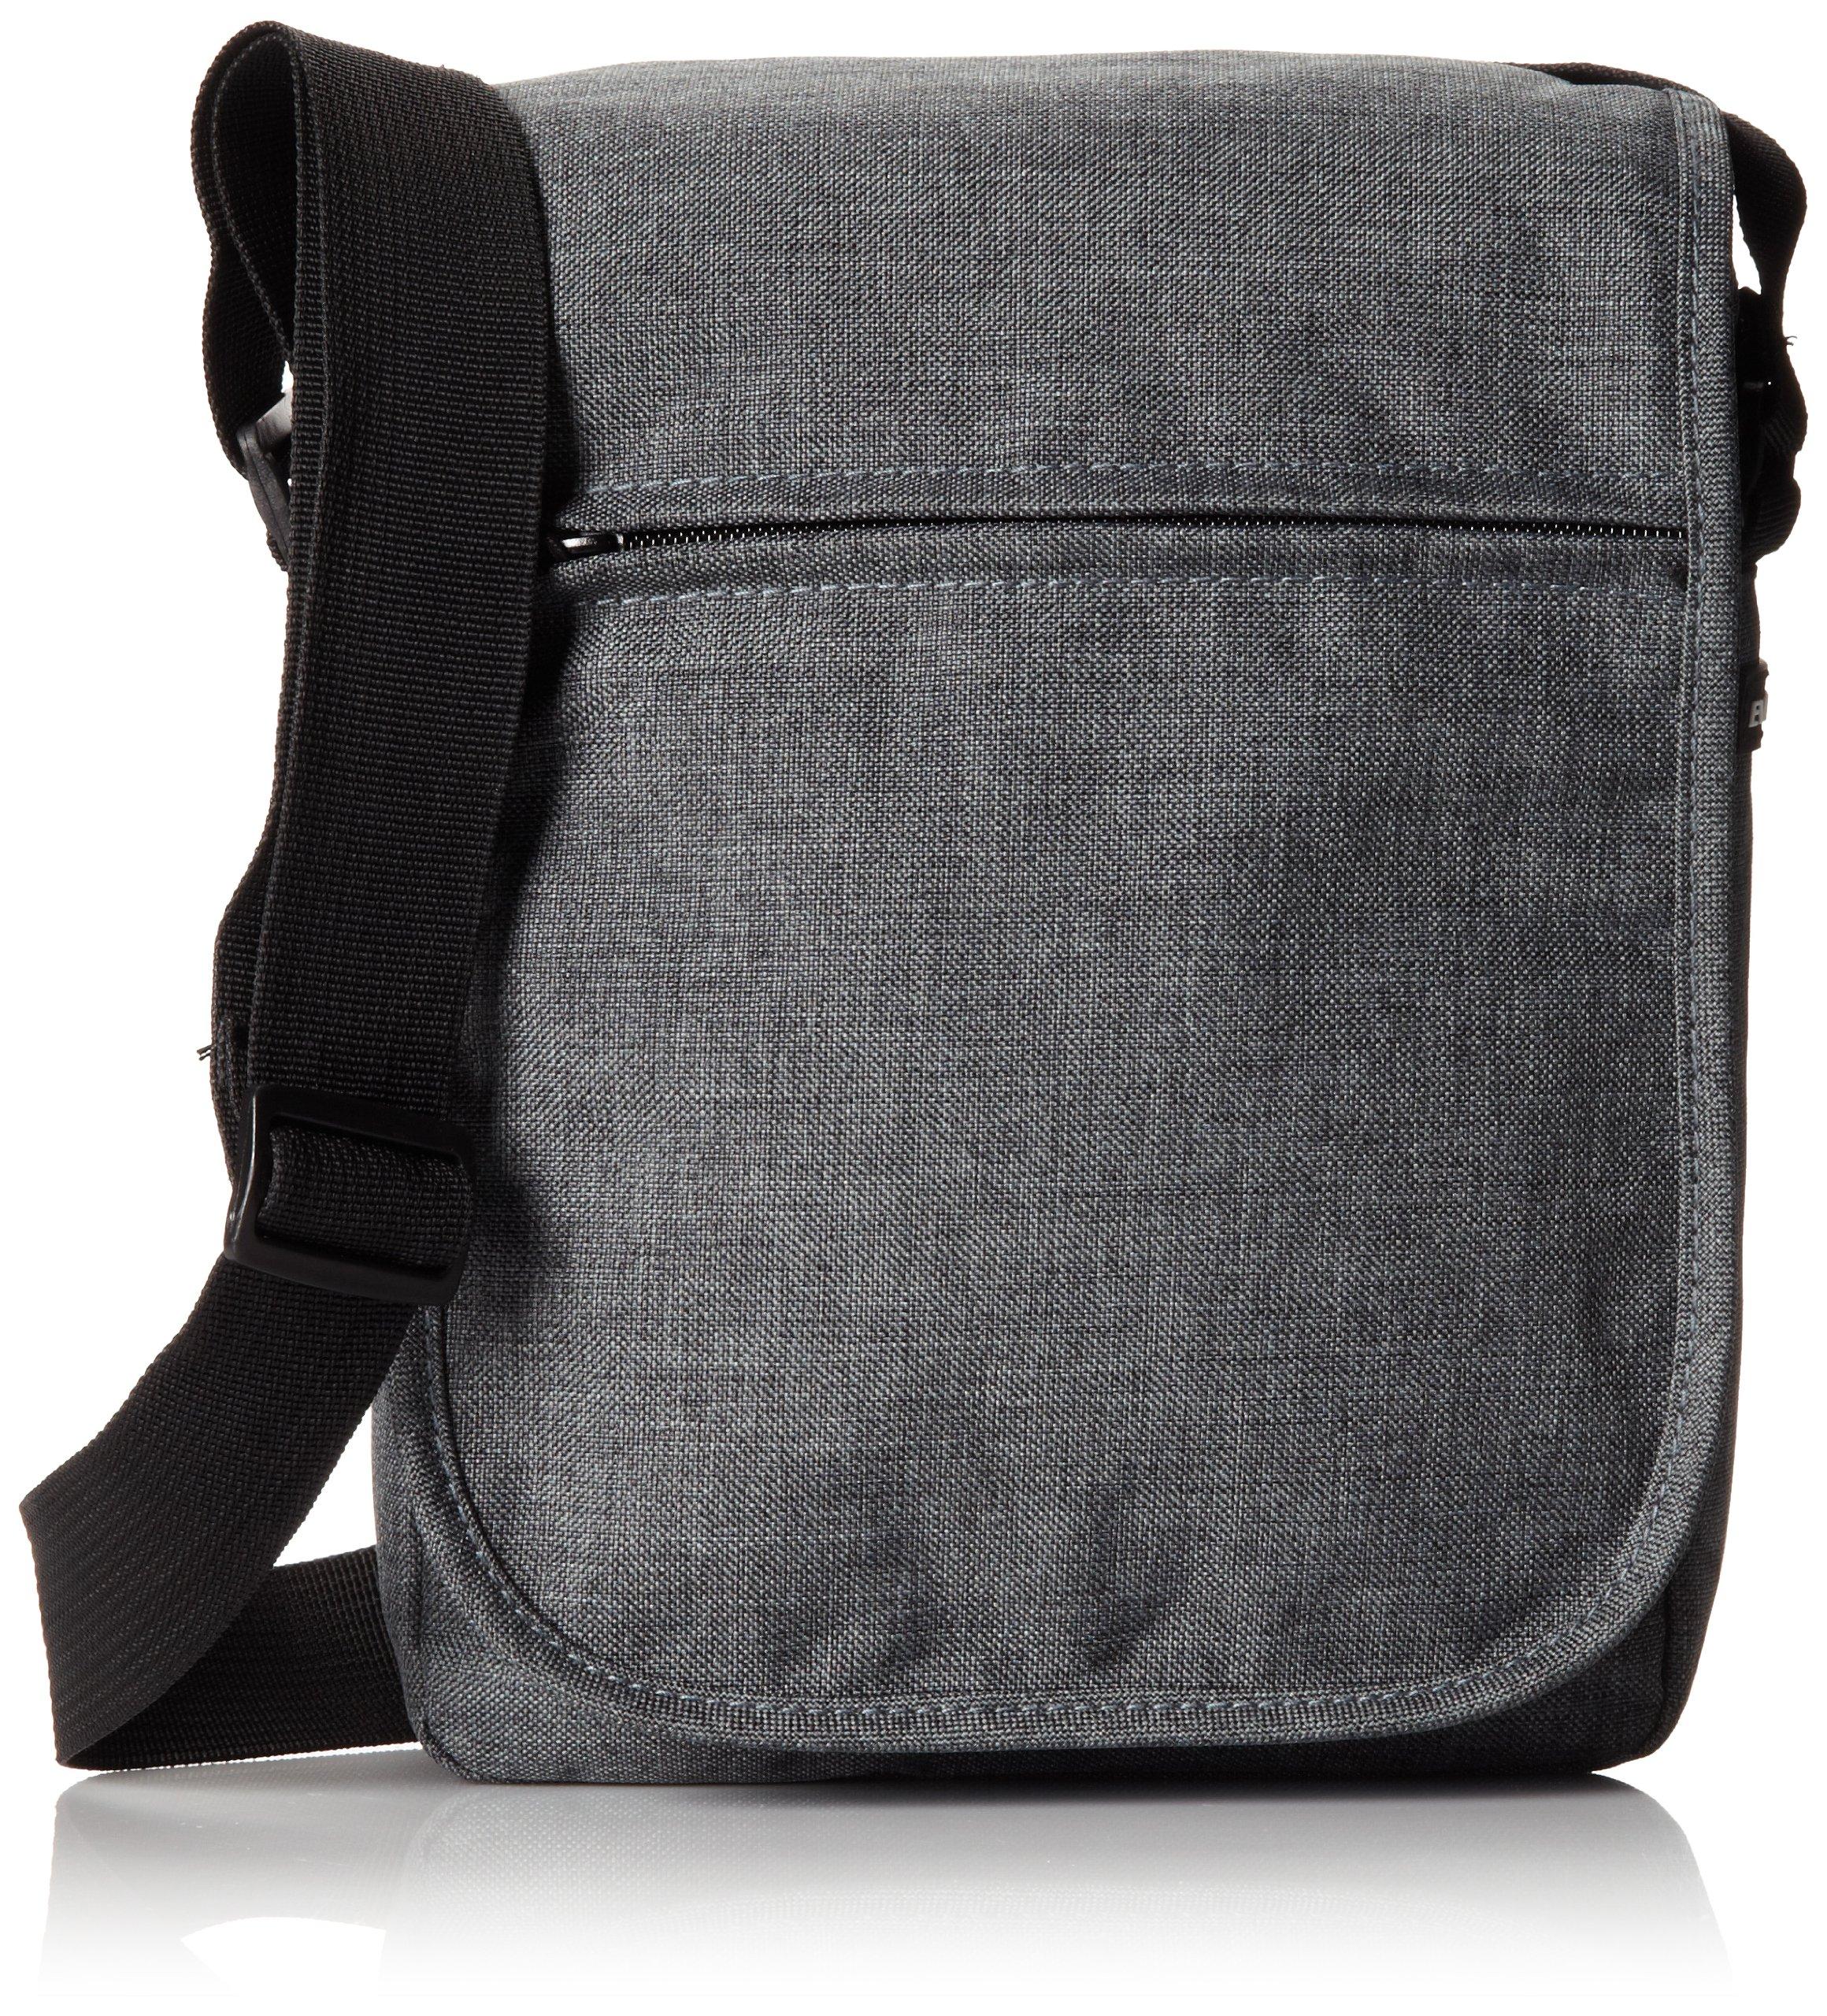 Everest 中性 多功能背包带平板电脑专用袋 077-CCA 深褐色 均码